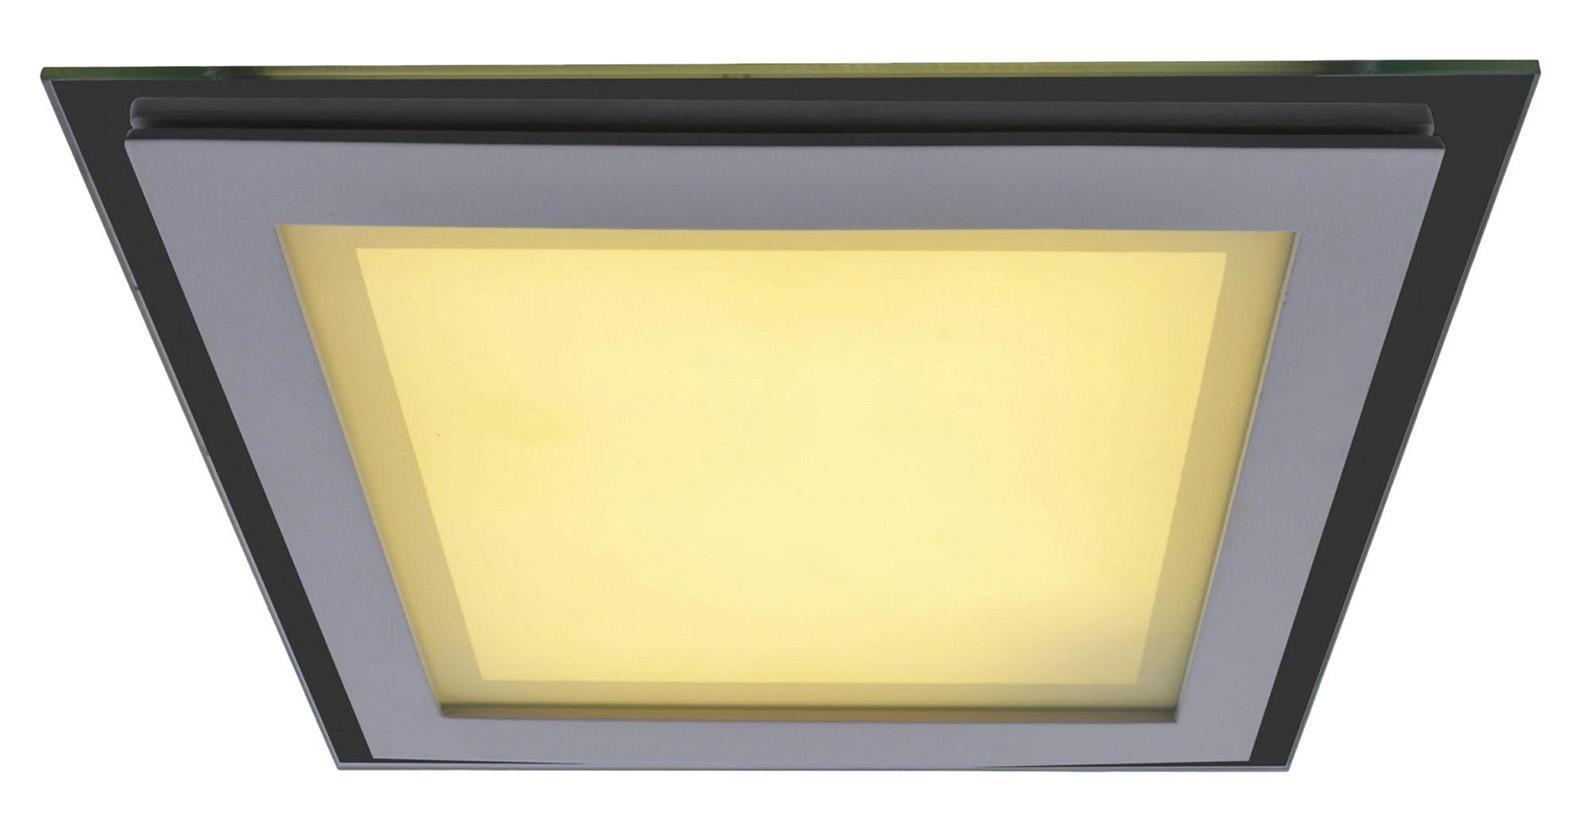 Светильник встраиваемый Arte lamp A4018pl-1wh встраиваемый светильник arte lamp cielo a7314pl 1wh